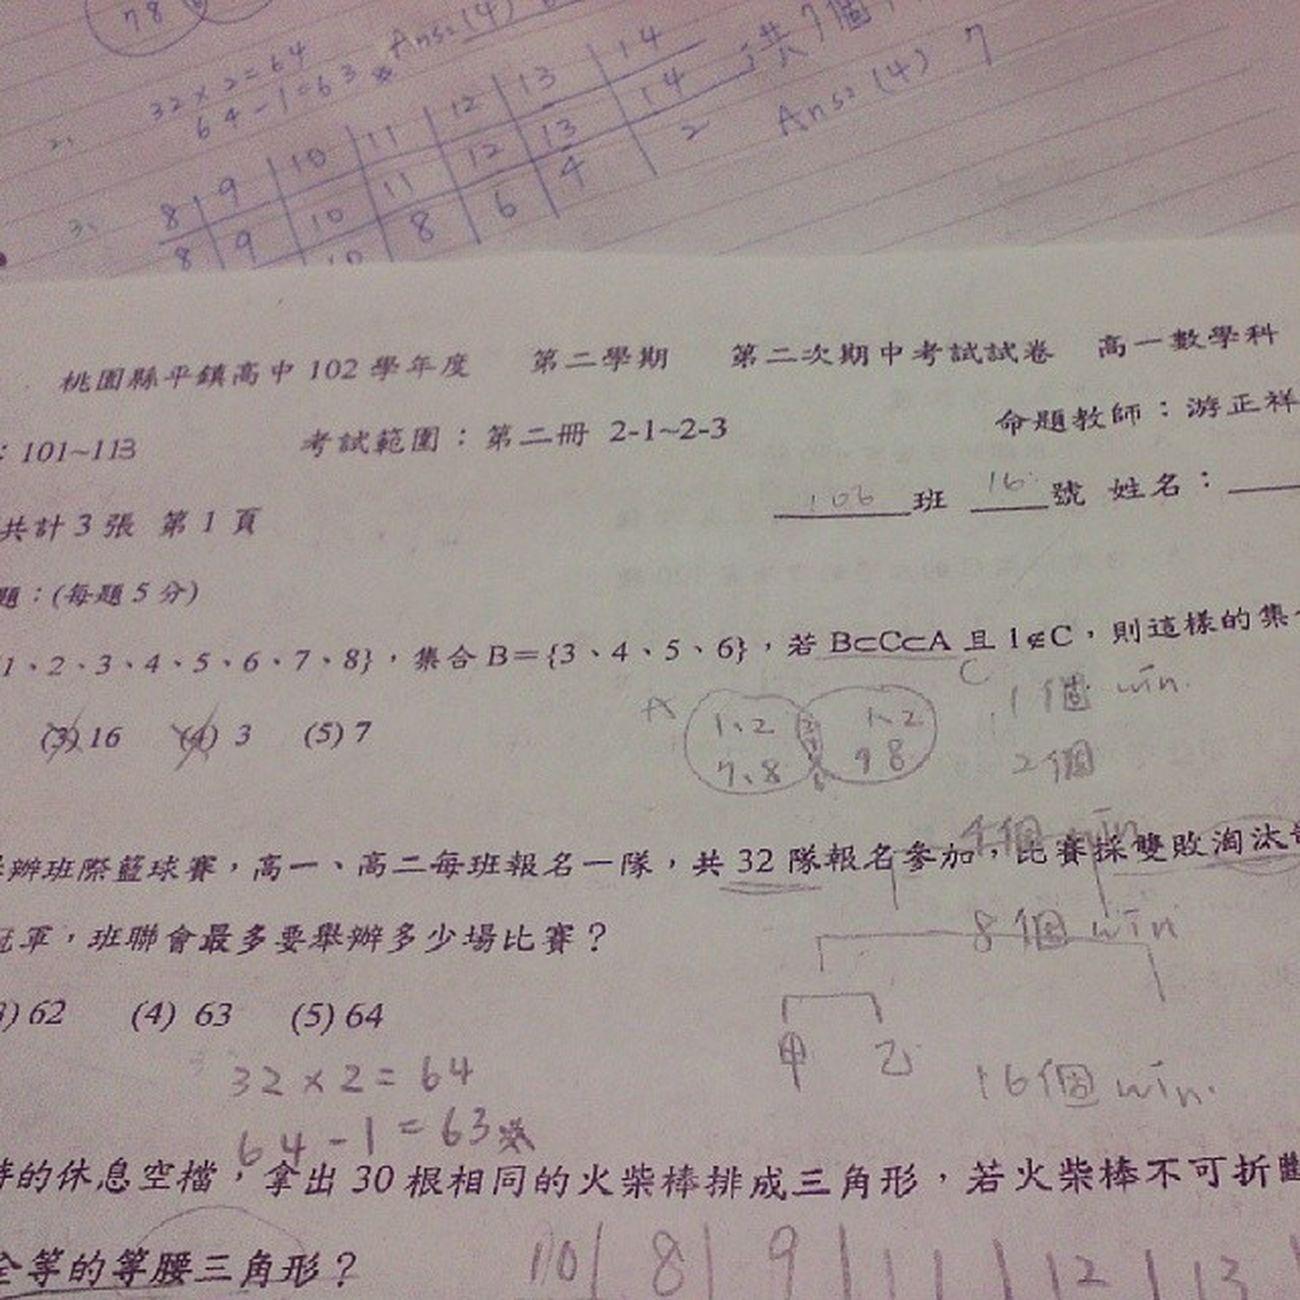 我的假期全獻給功課…… 數學詳解、3000字體育報告、30張生涯,規劃PPT、還有生科@@ 覺得無奈